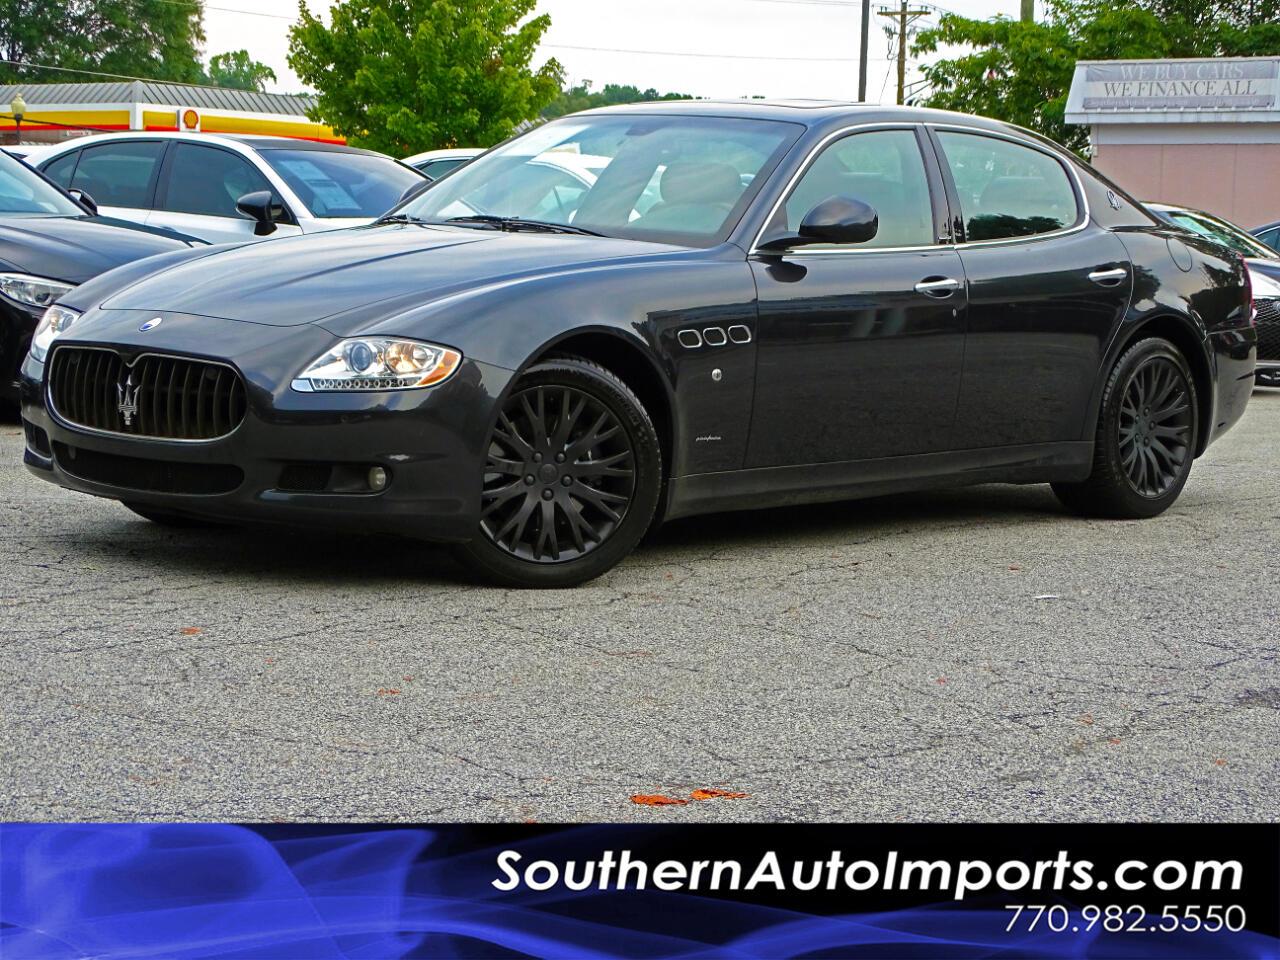 2009 Maserati Quattroporte Executive GT